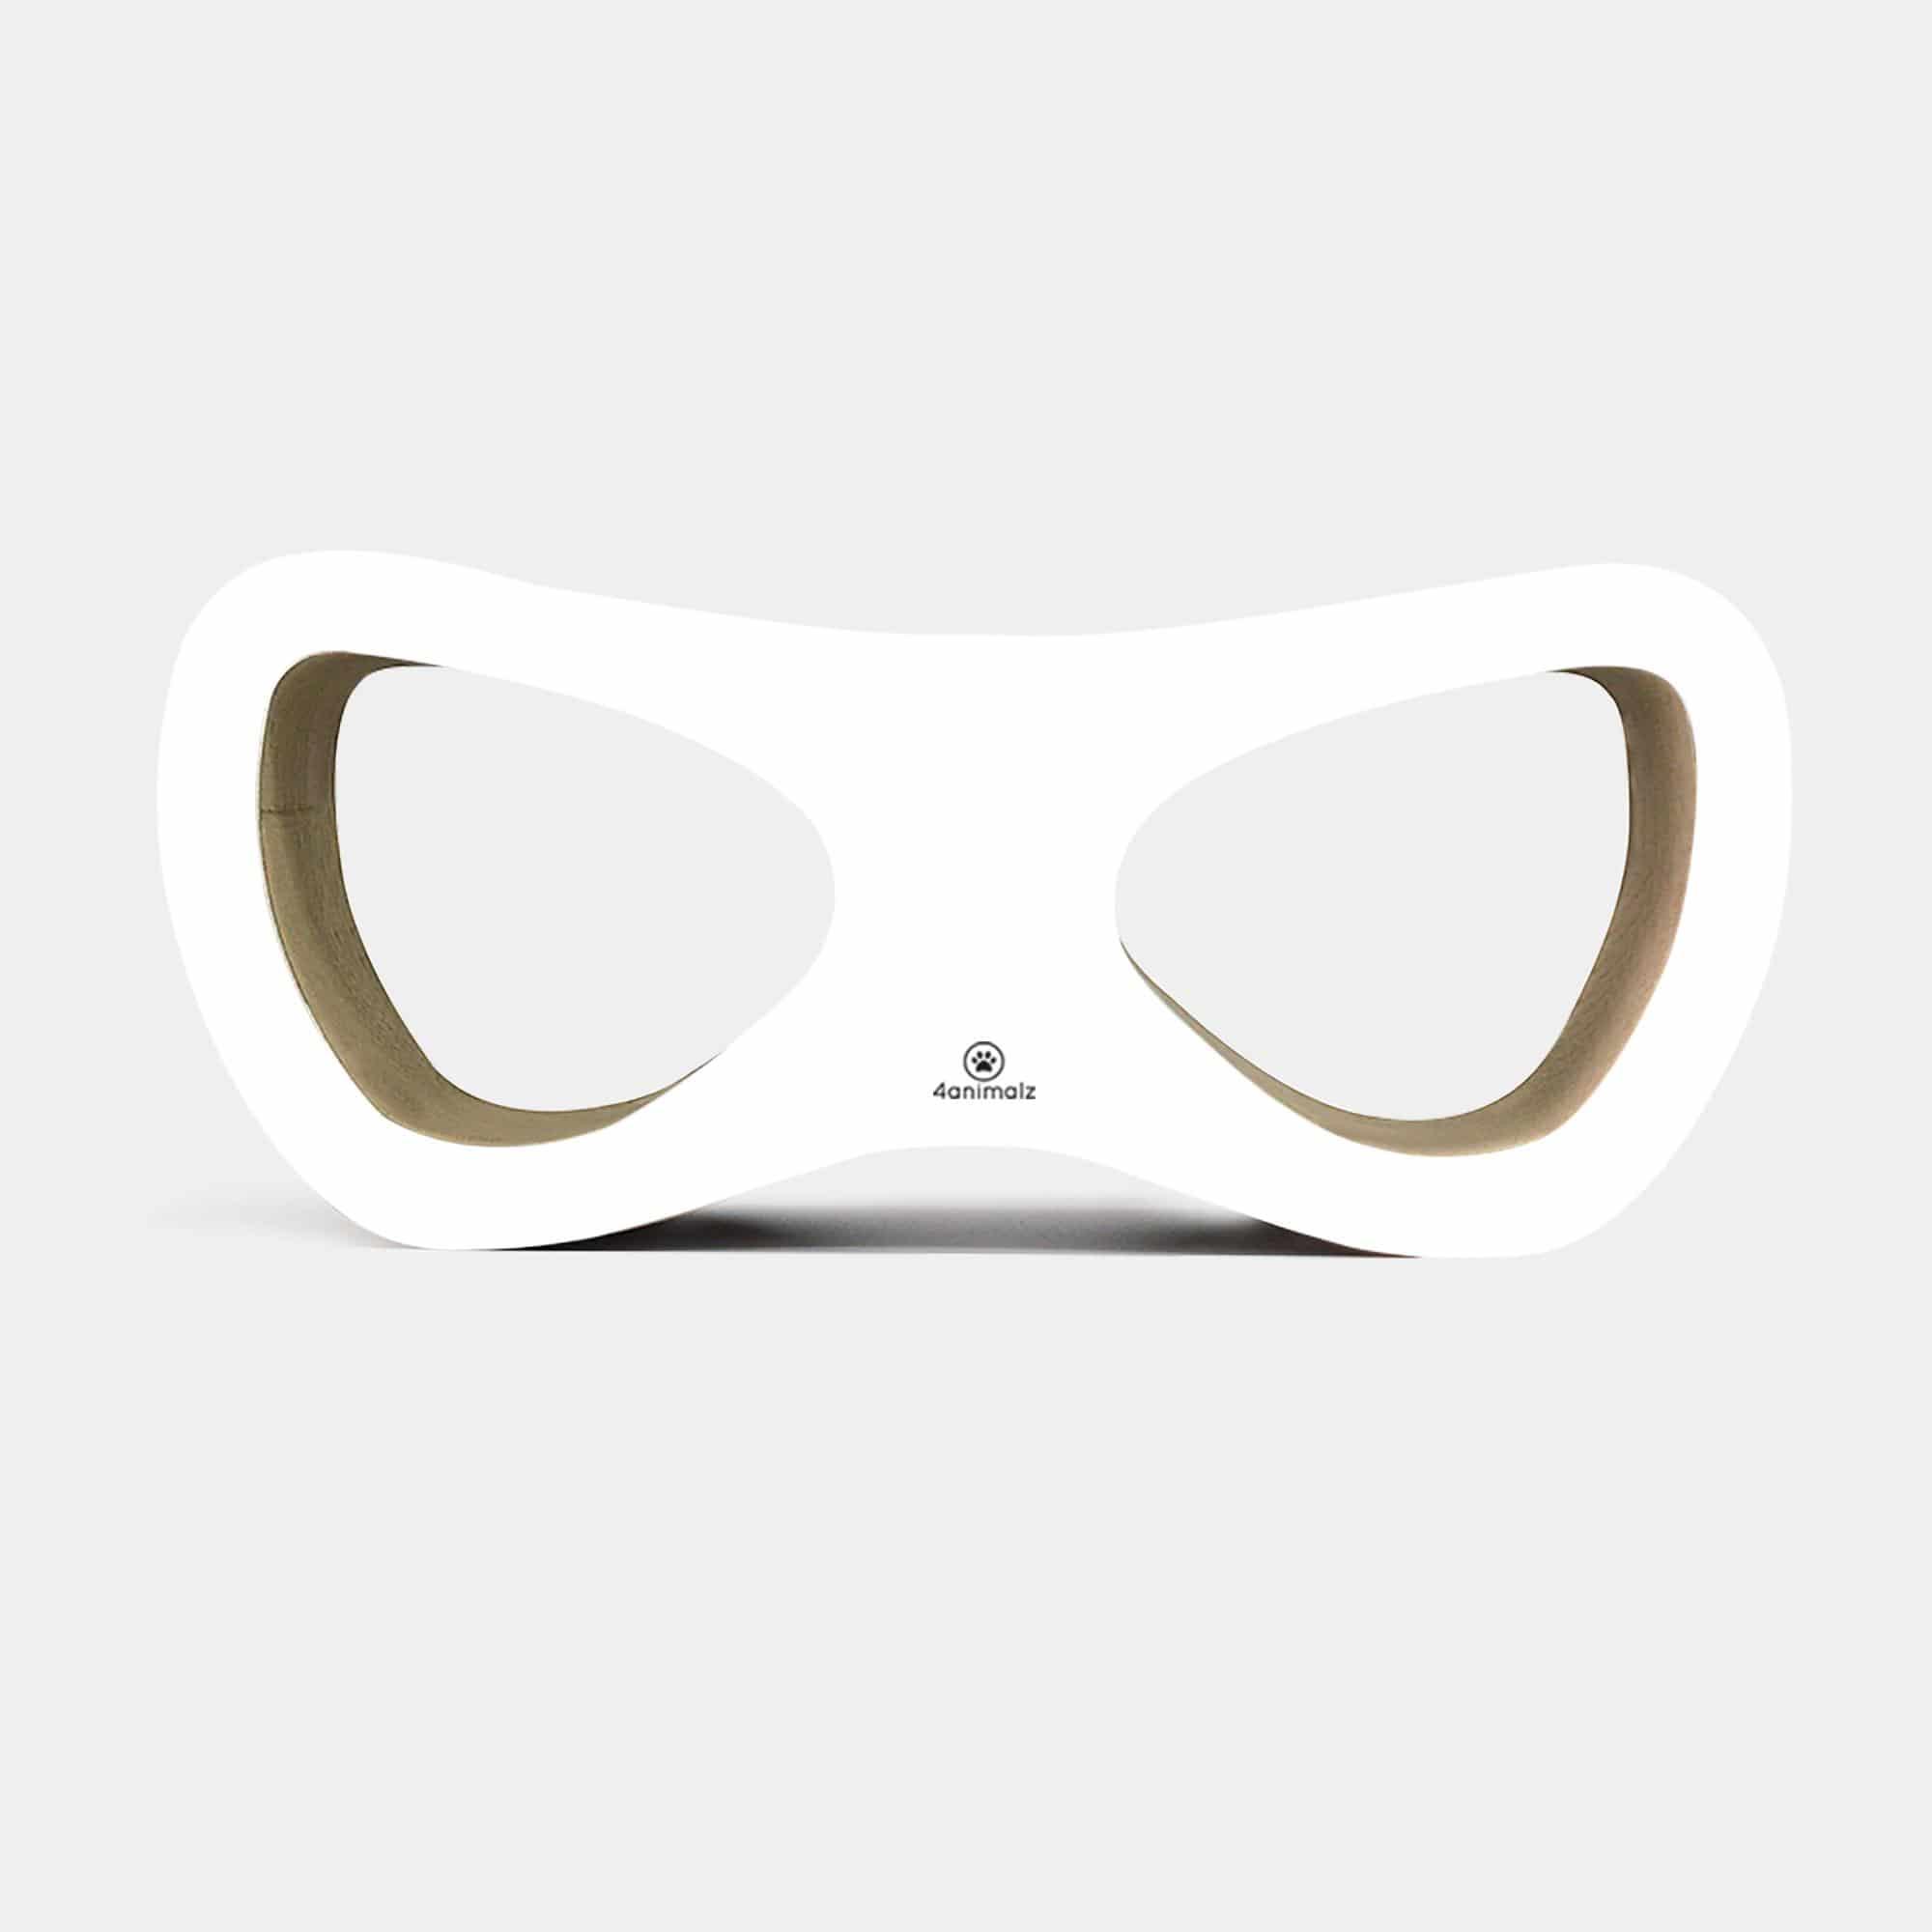 4animalz® Lounge White - kartonnen krabpaal - 69x24x29 cm